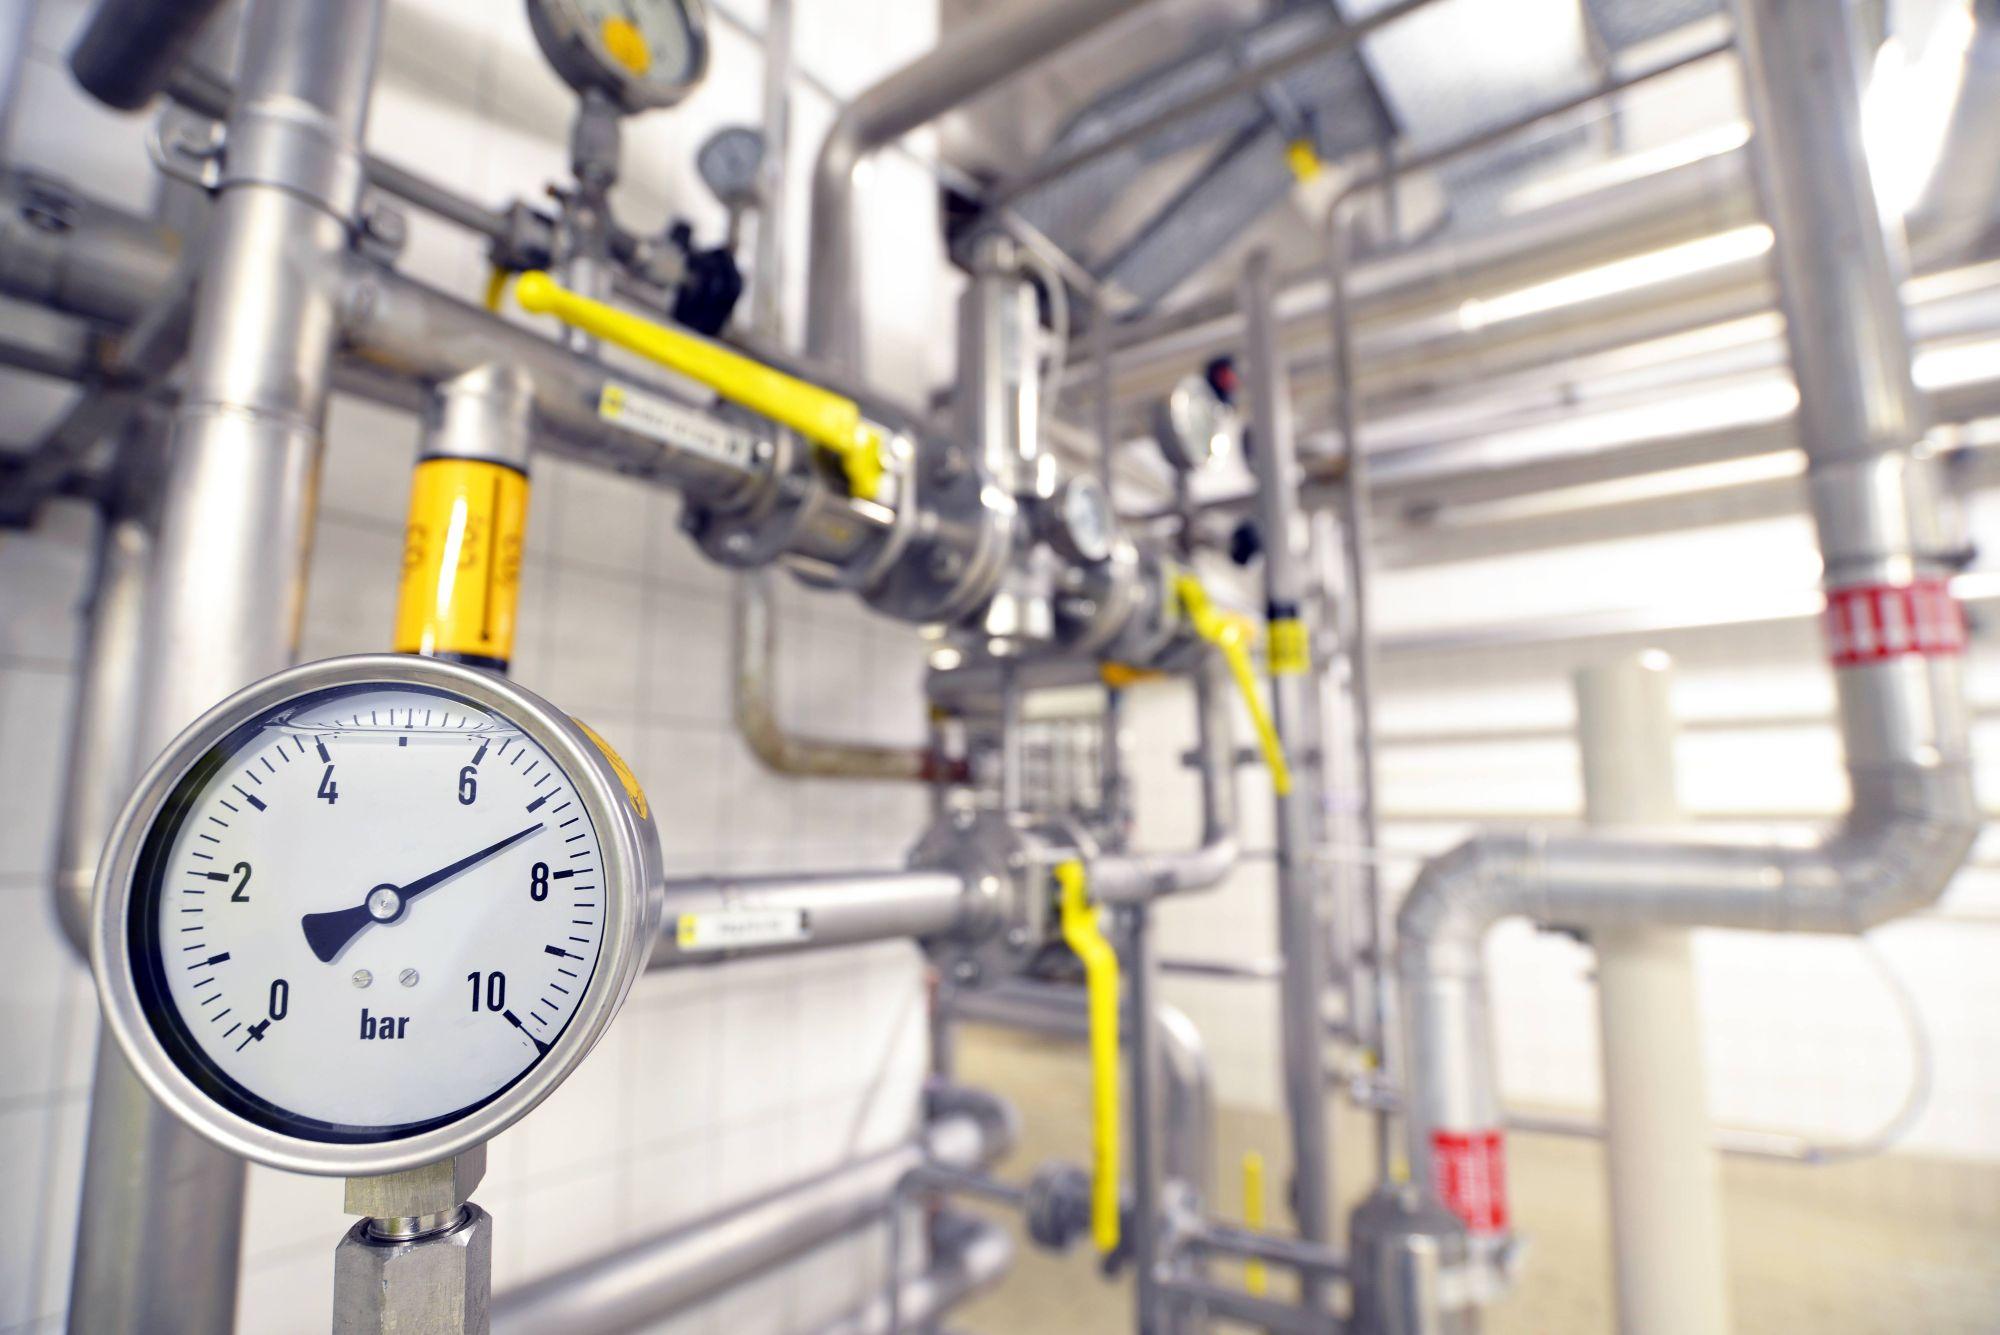 Druckluftsystem auf Lecks prüfen mit dem Leckage-Suchgerät testo Sensor LD pro